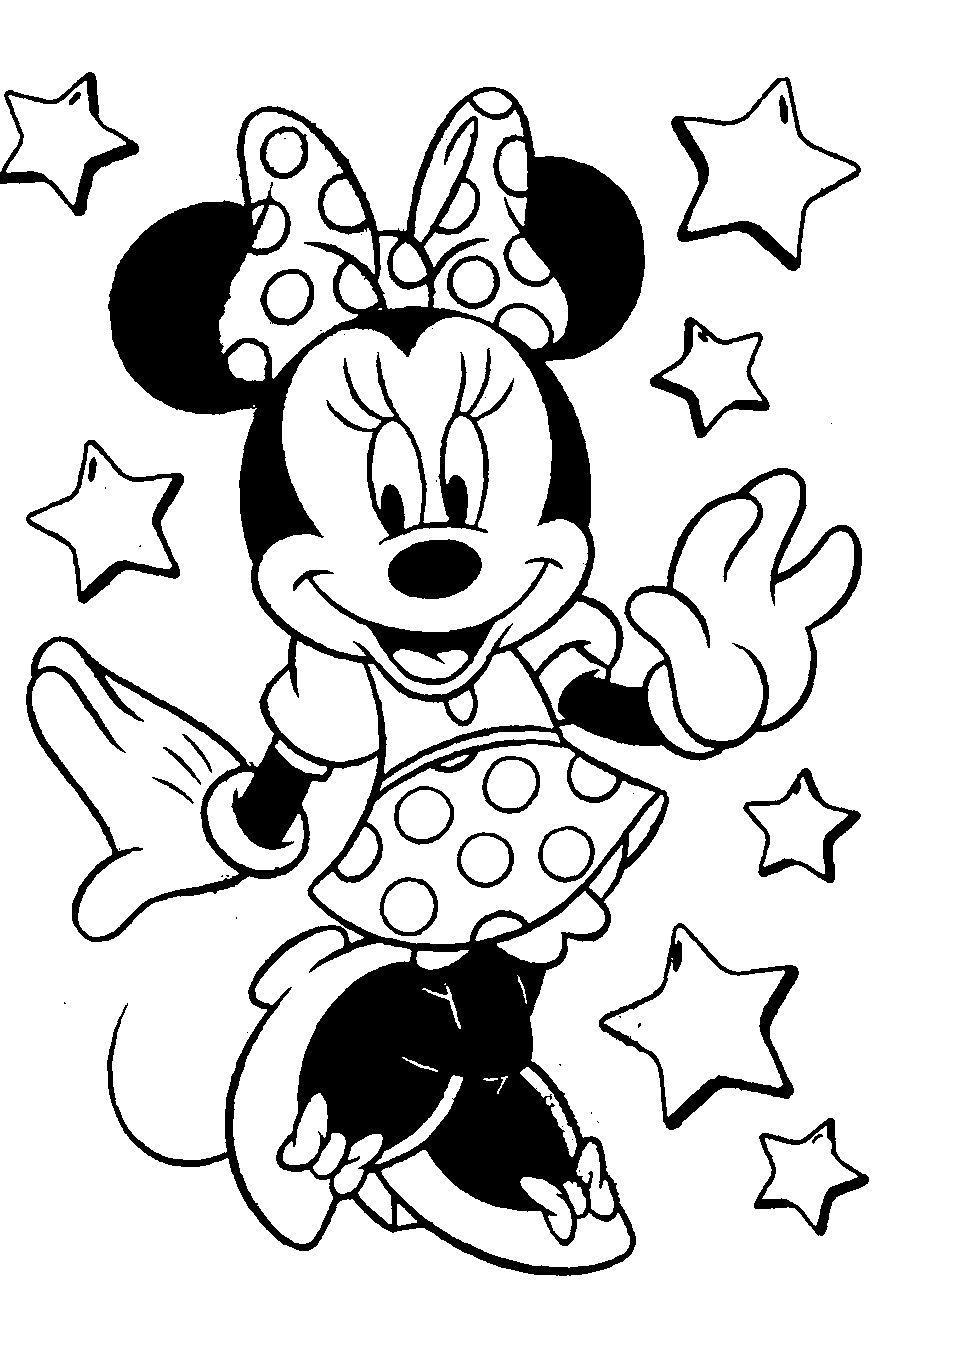 ダウンロードできるディズニーのミッキーミニーのぬりえです 画像を